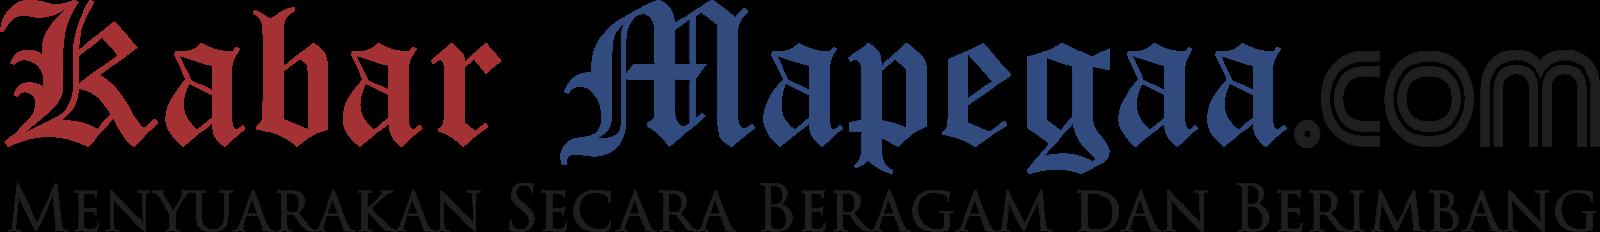 KABAR MAPEGAA